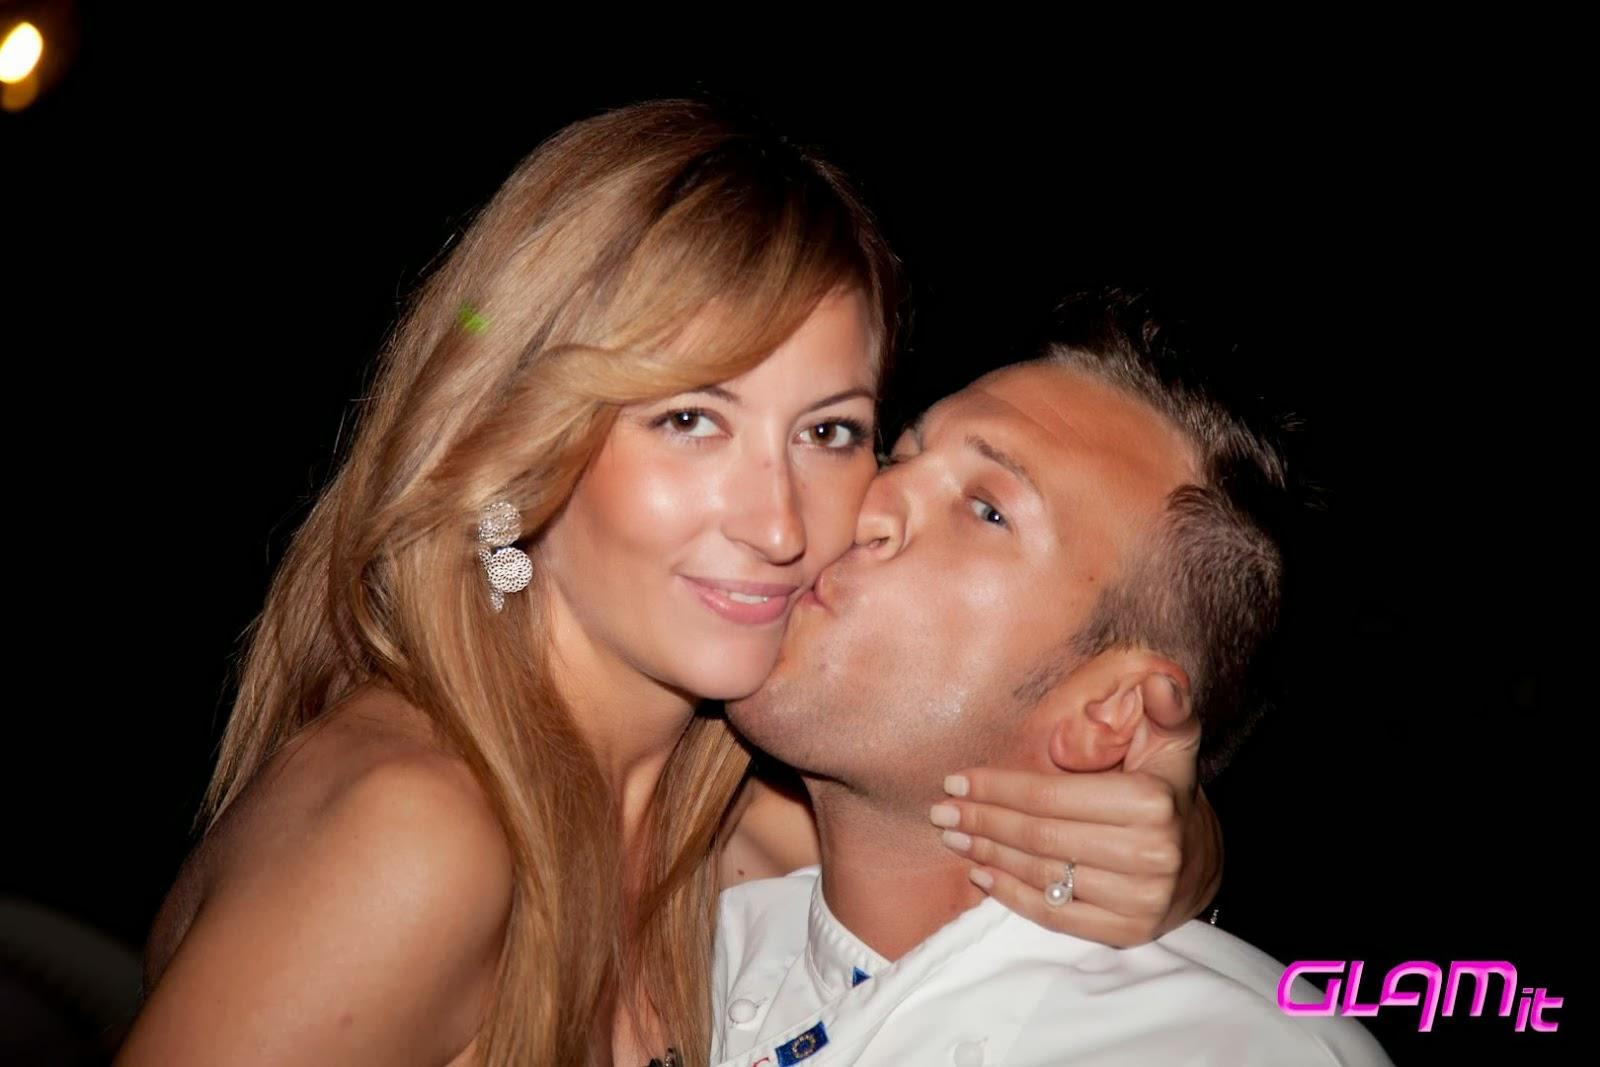 Valeria Taschin e Daniele Carraro